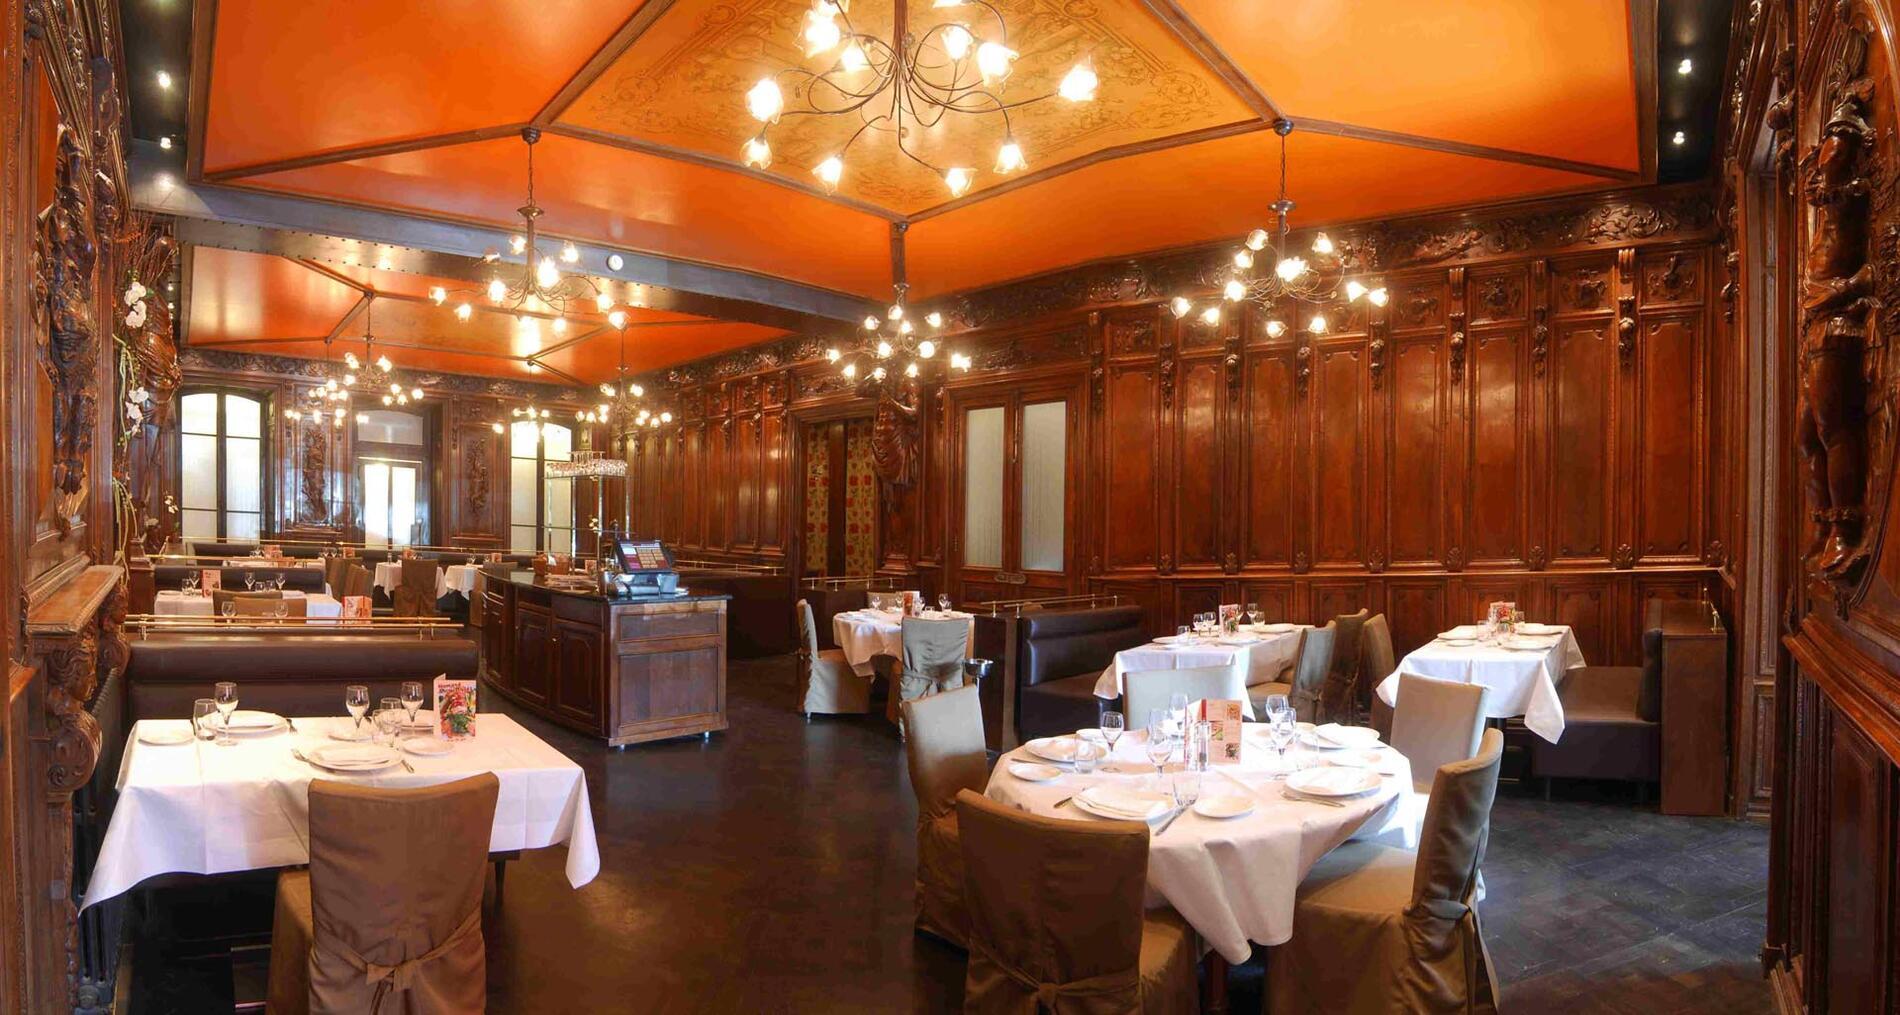 Restaurant at The Originals Boutique, Grand Hôtel Saint-Pierre